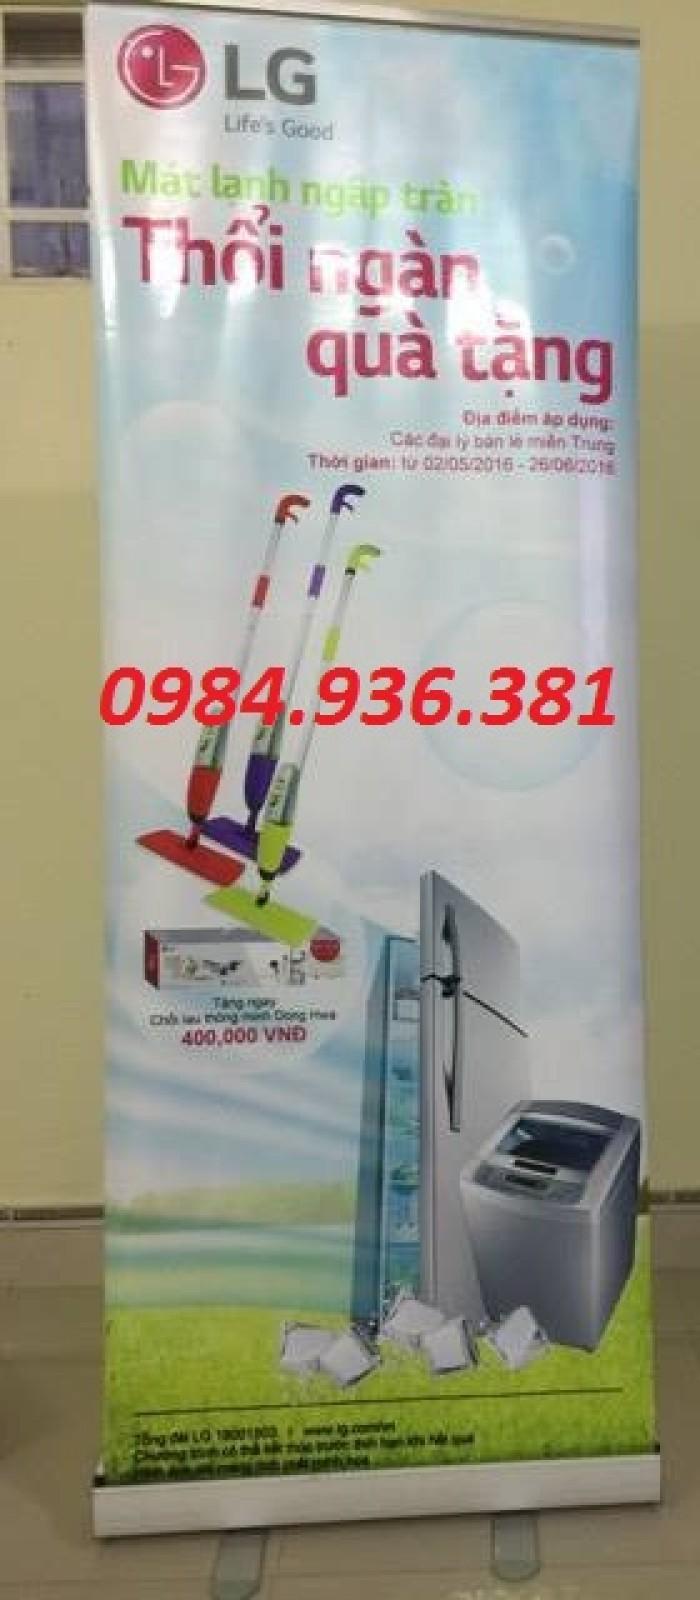 Bán standee giá rẻ ở Quảng Ngãi - 0984.936.38127